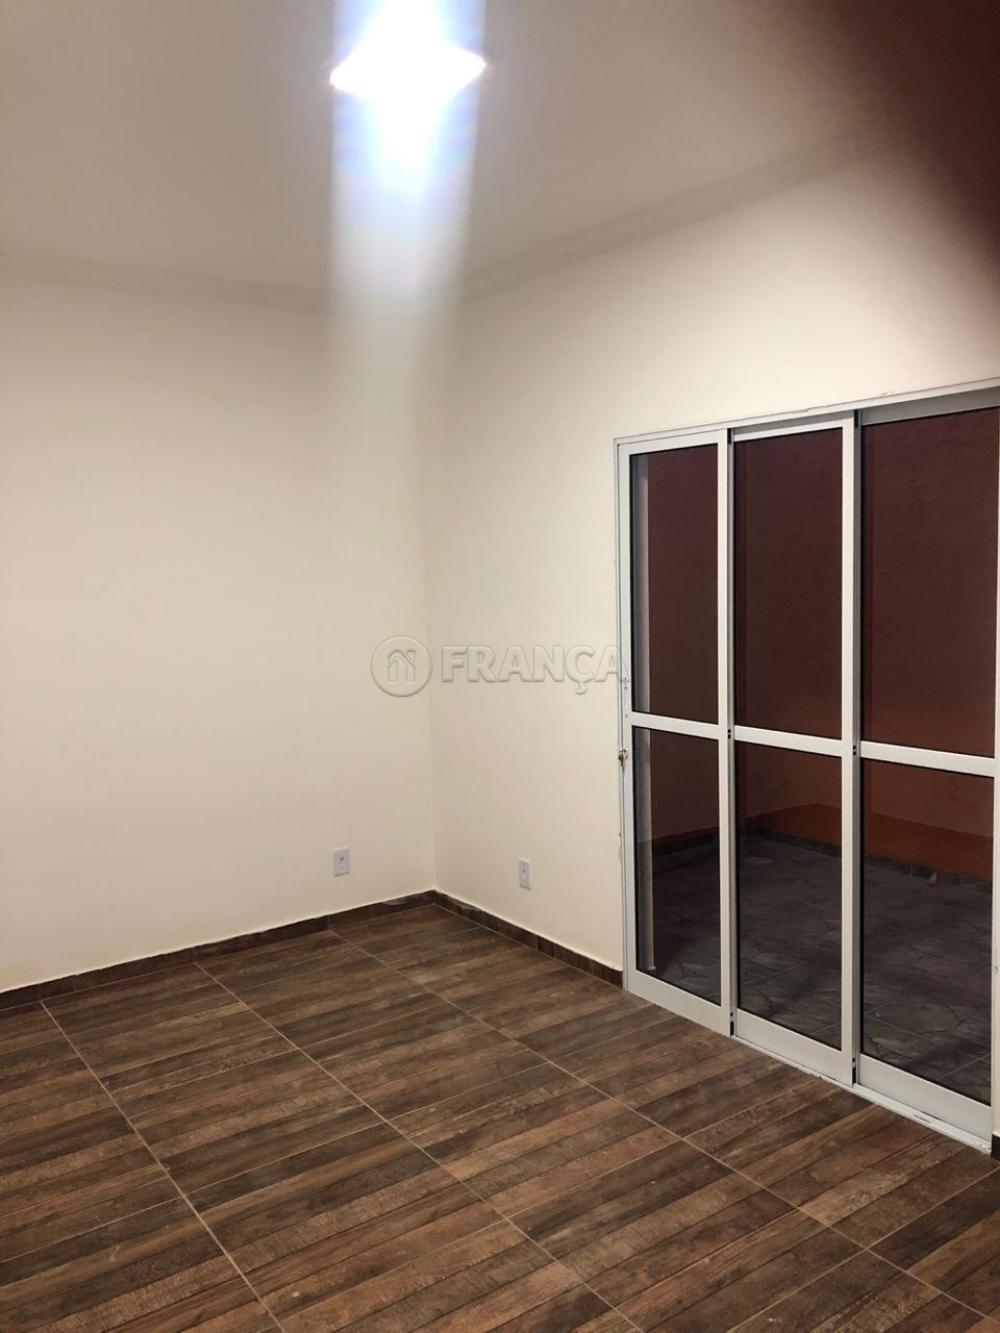 Alugar Casa / Padrão em Jacareí apenas R$ 990,00 - Foto 12